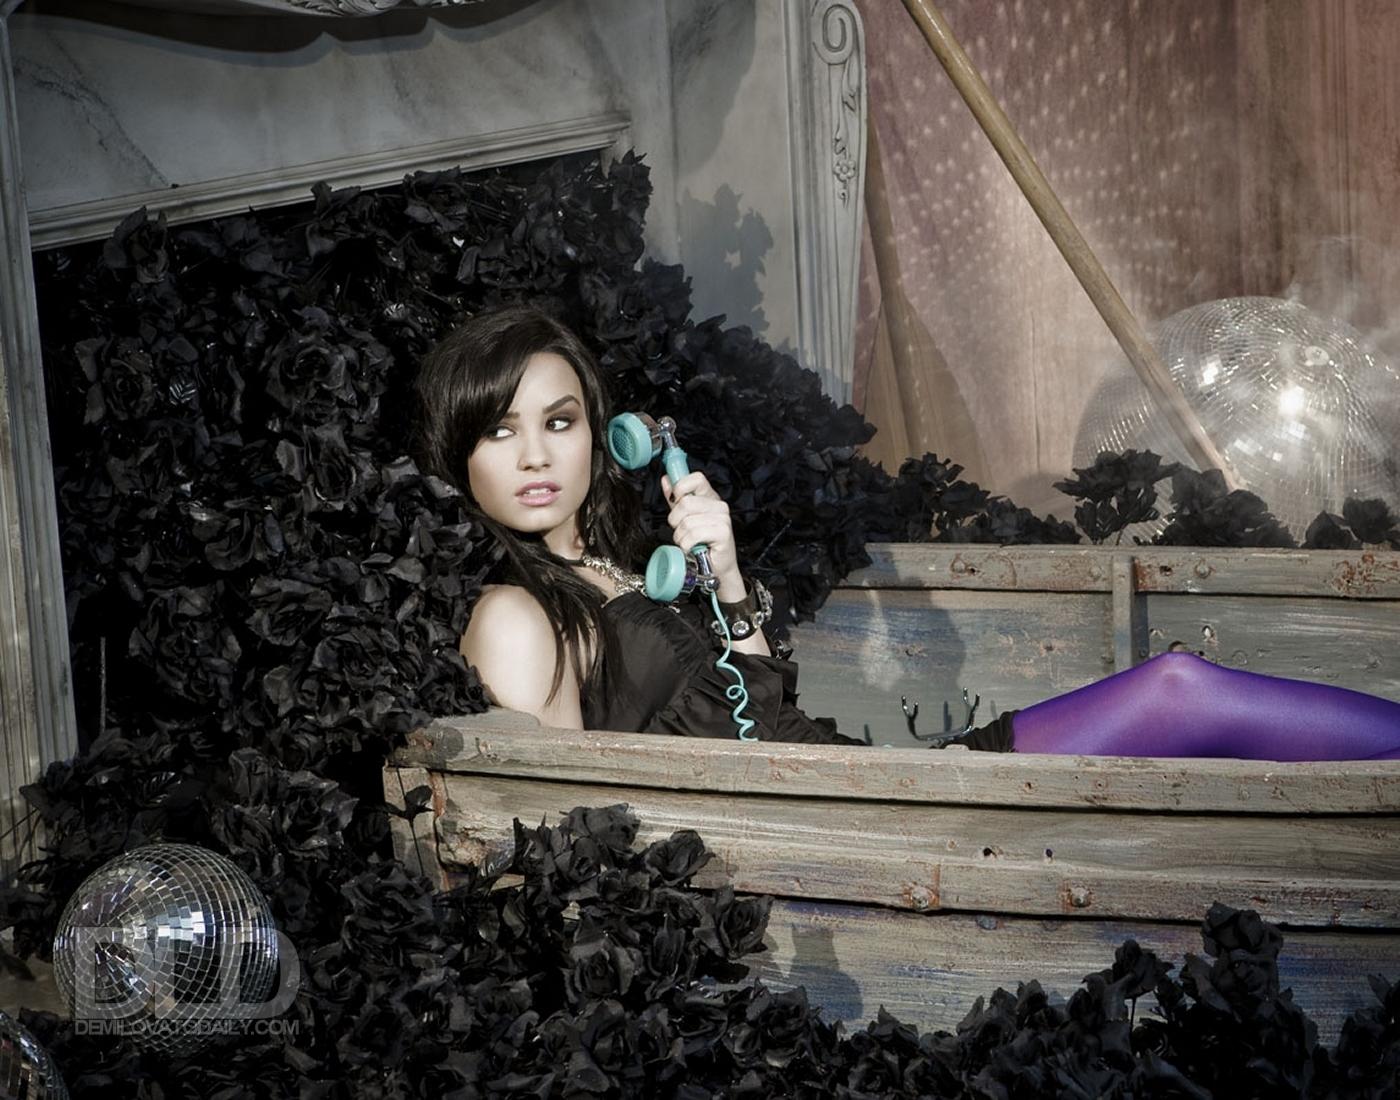 Demi Lovato HWGA Photo Shoot - demi-lovato photo